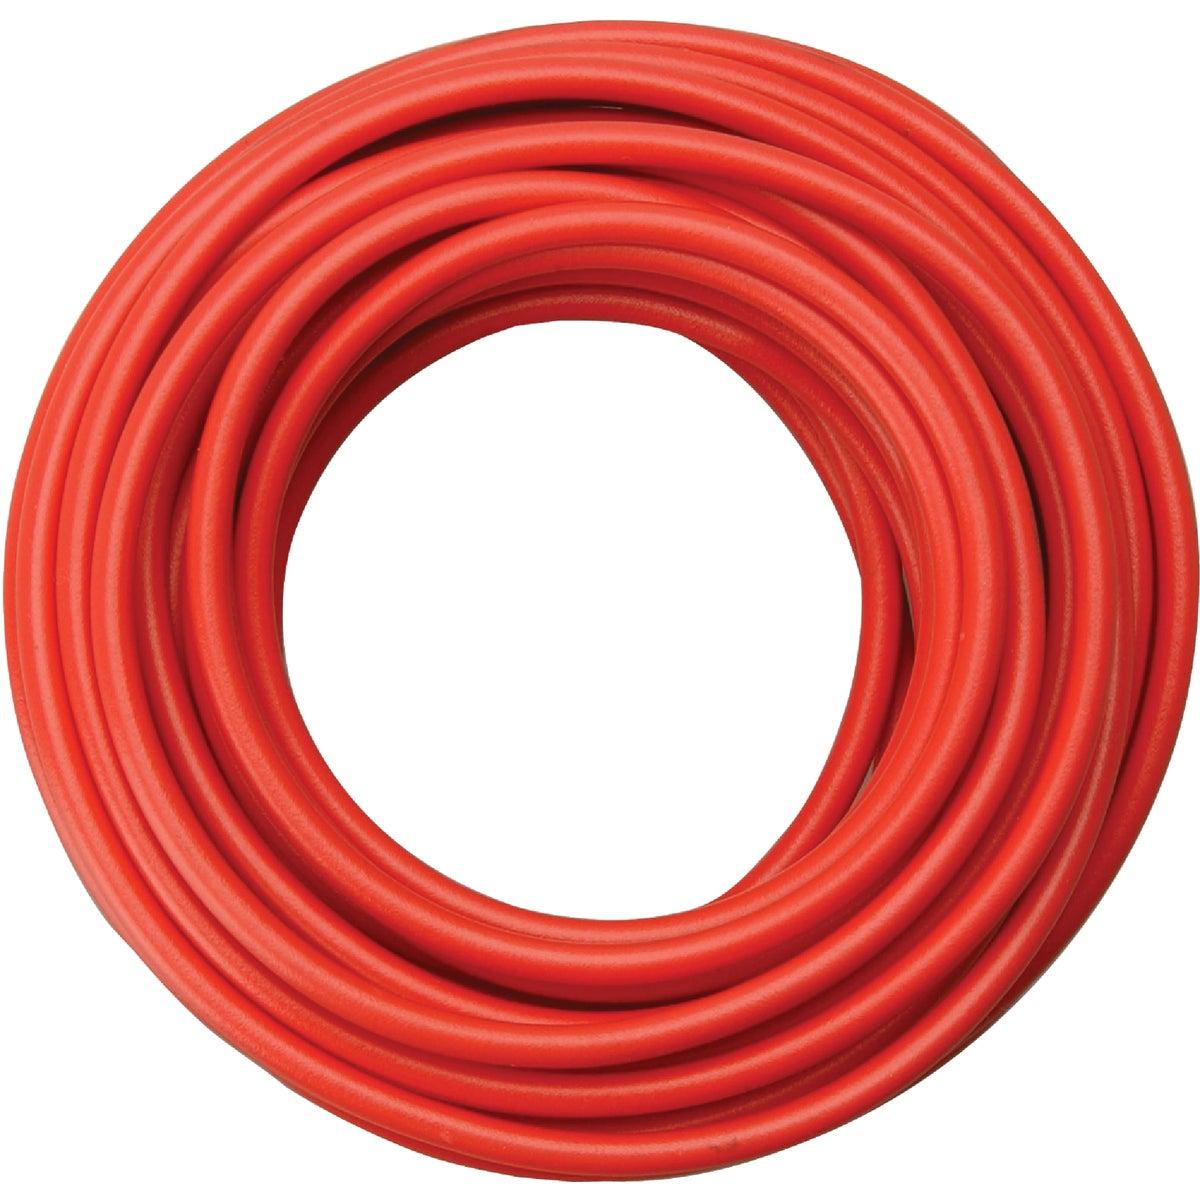 11' 12GA RED AUTO WIRE